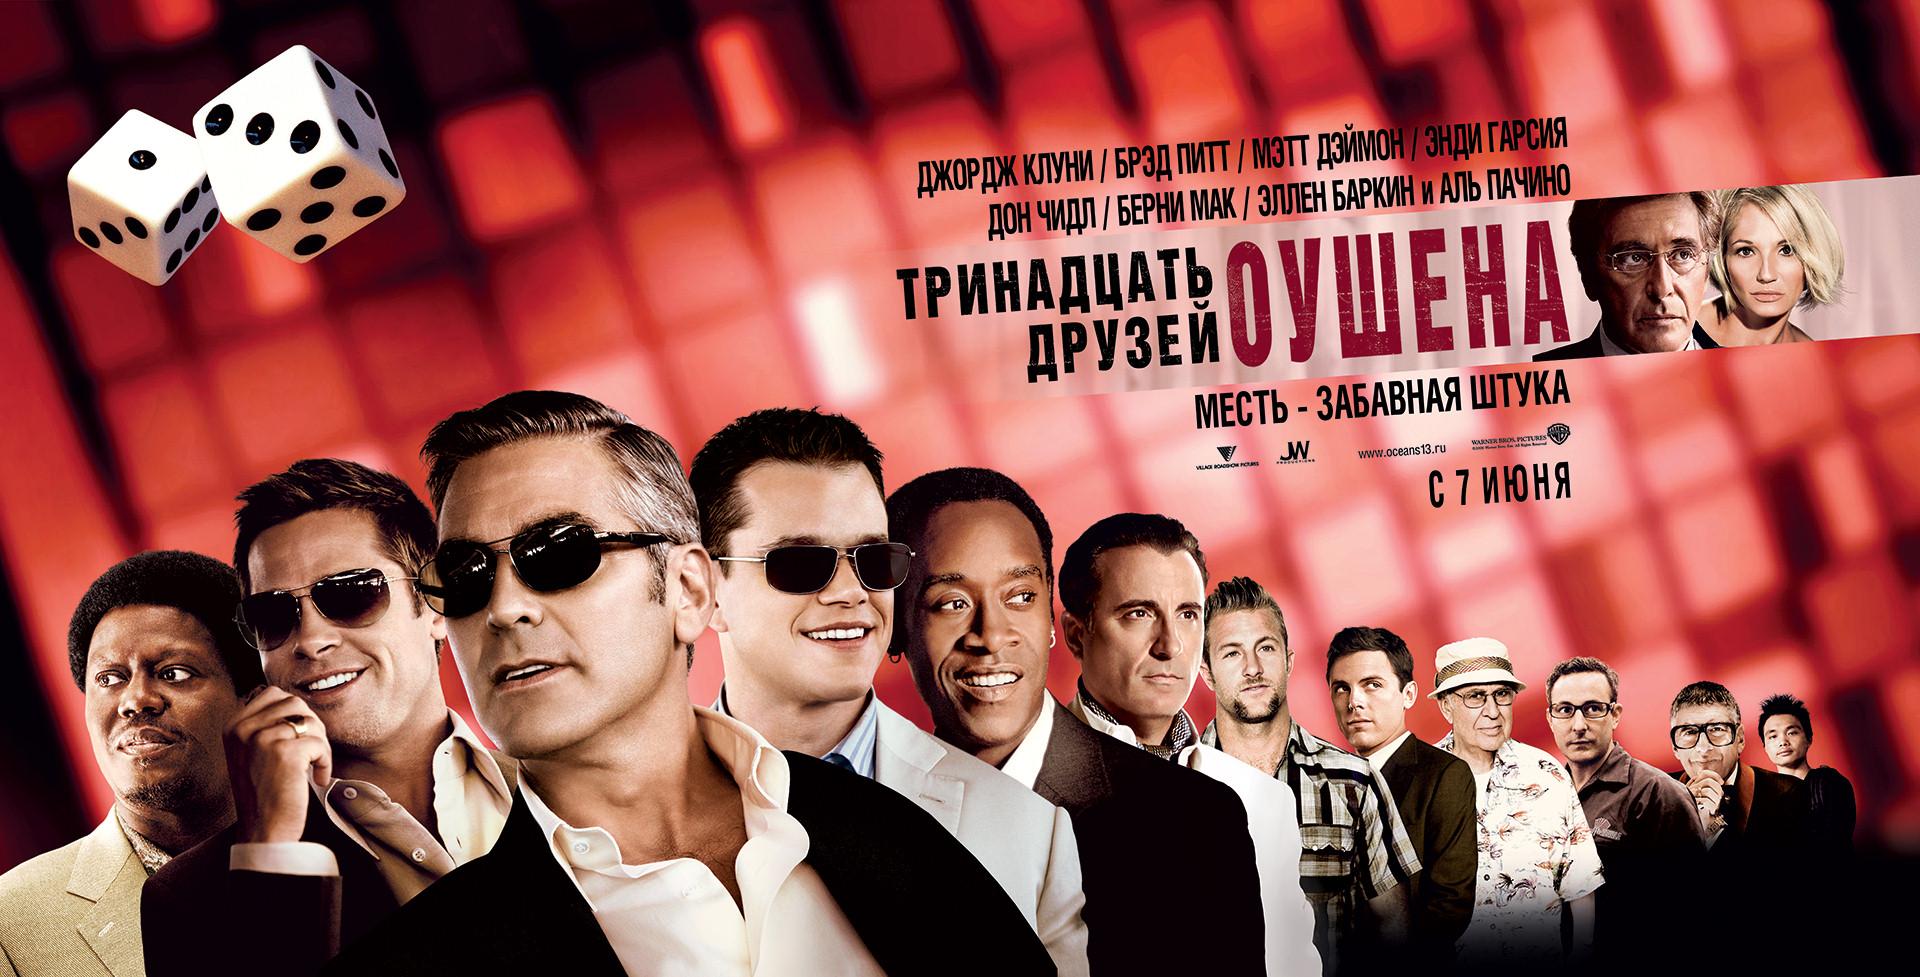 dvd 11 12 друзей оушена: